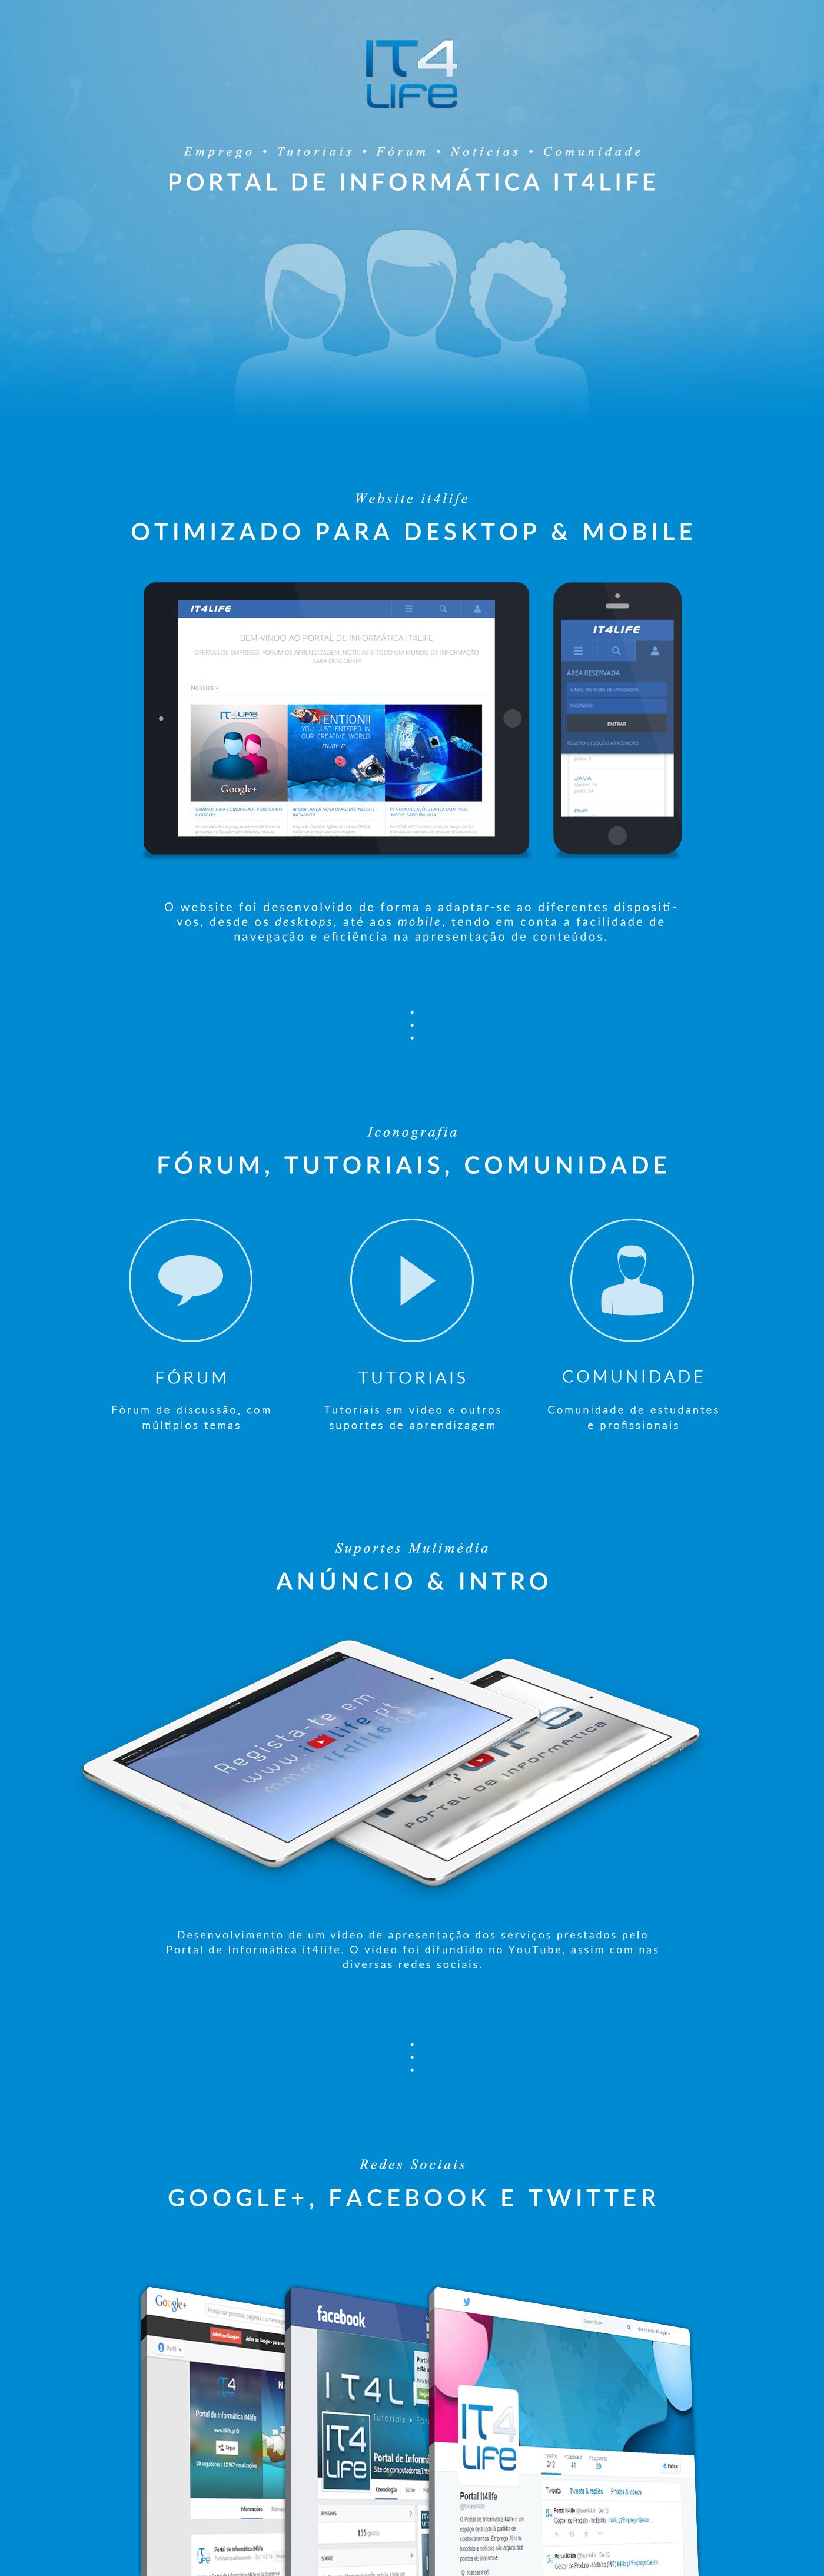 it4life é um Portal para estudantes e profissionais de Informática